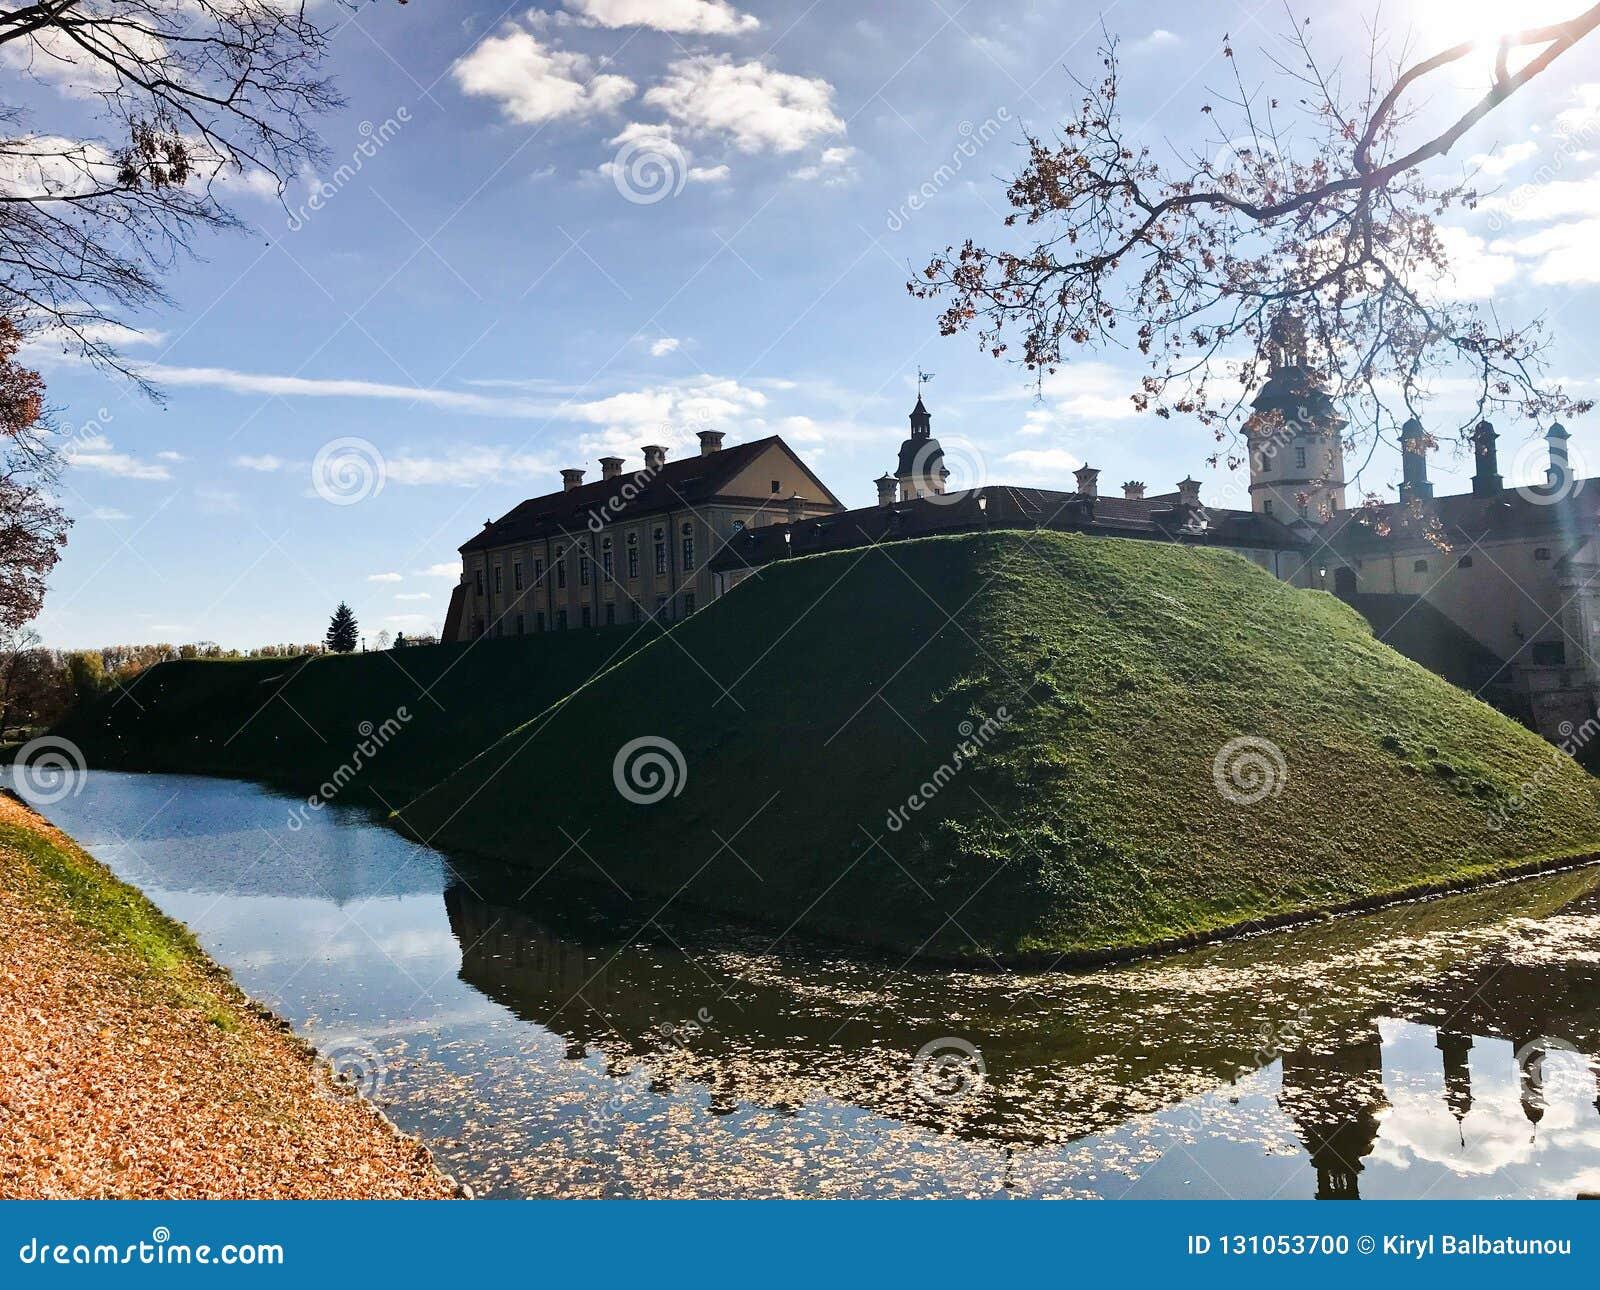 Castillo medieval viejo, antiguo con spiers y torres, paredes de la piedra y ladrillo rodeado por una fosa protectora con el wate